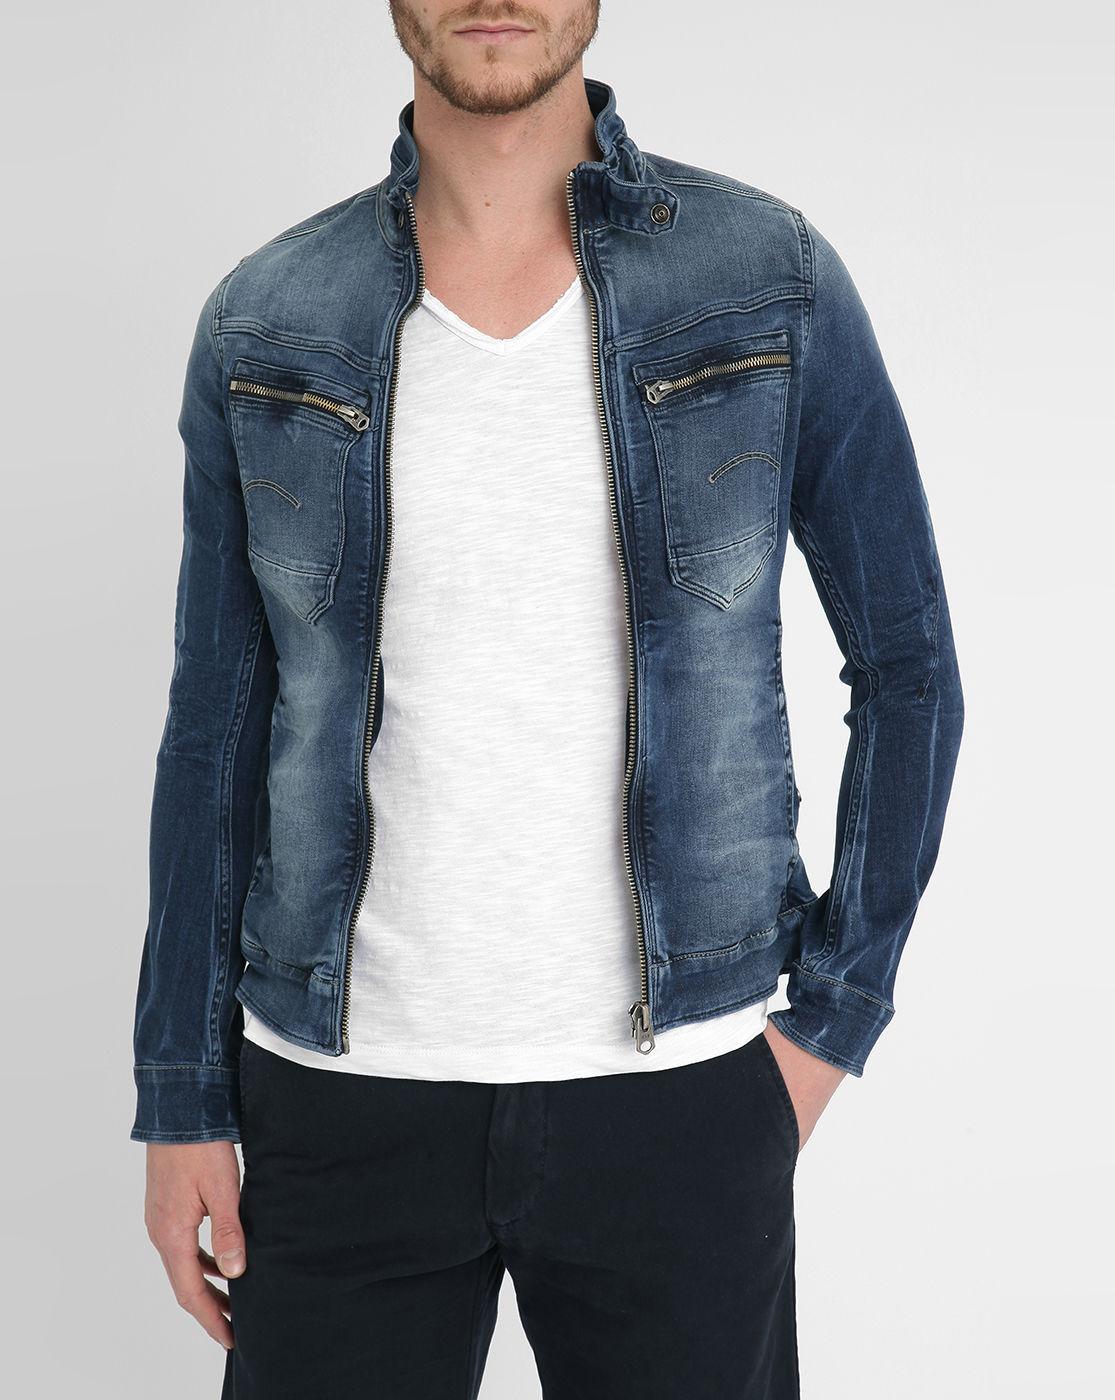 g star raw faded blue arc zip 3d slim denim jacket in blue for men lyst. Black Bedroom Furniture Sets. Home Design Ideas